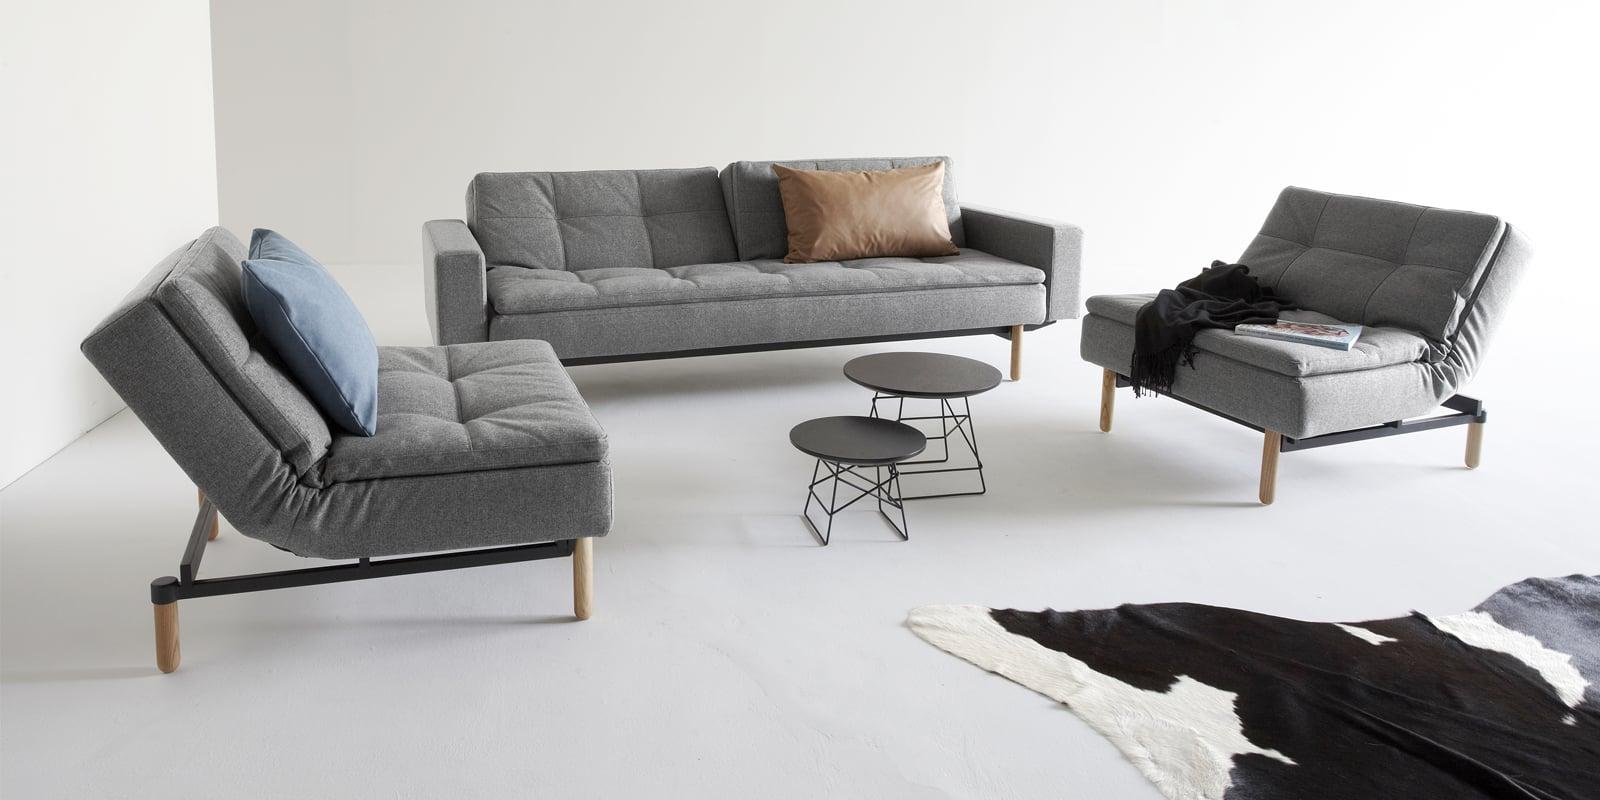 Full Size of Günstiges Sofa Innovation Living Mbel Schlafsofas Und Design Sofas Luxus Beziehen Bezug Mit Bettfunktion Polster Kleines Wohnzimmer Hocker Zweisitzer Langes Sofa Günstiges Sofa